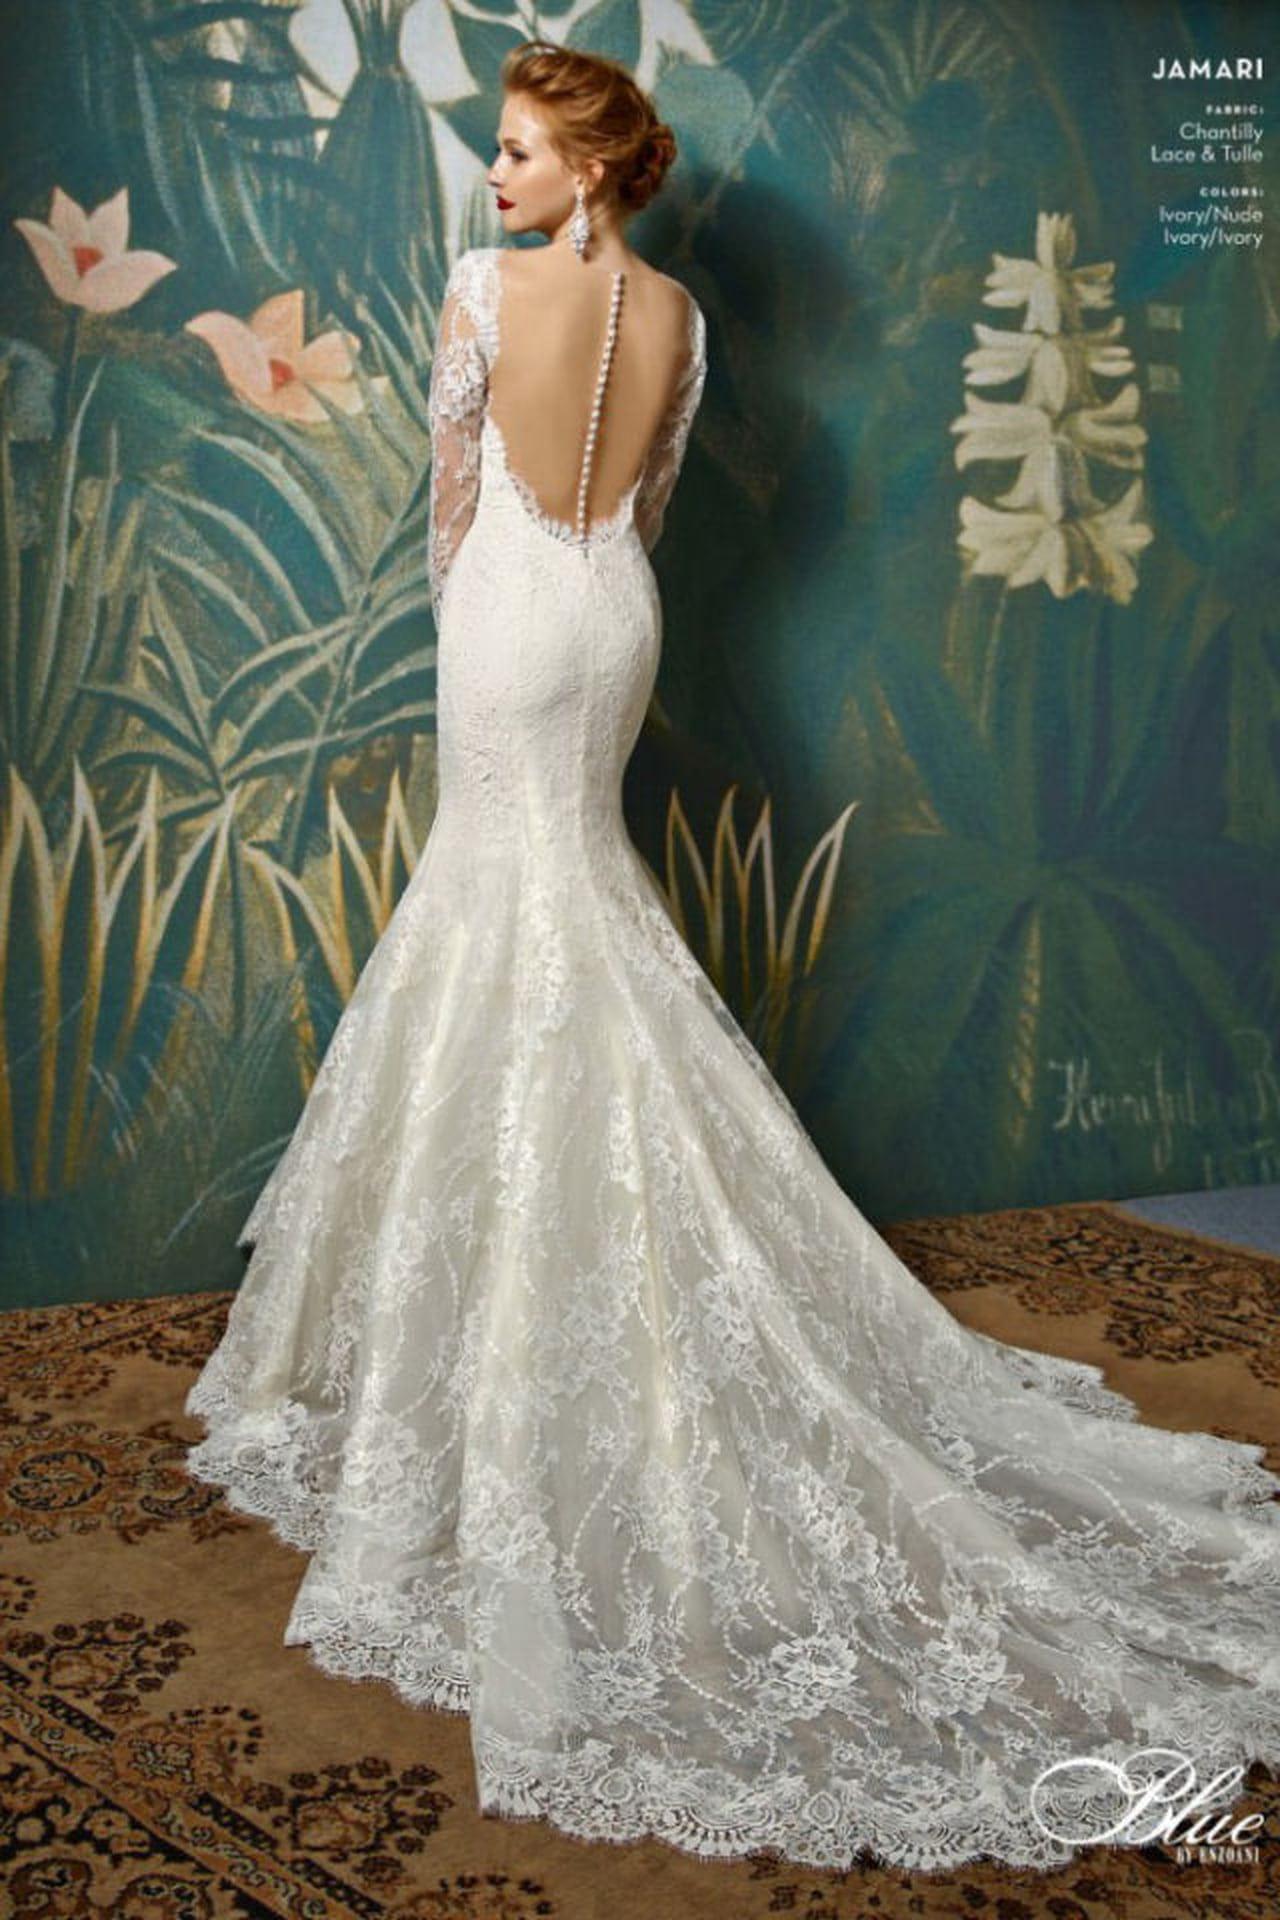 Vestito Da Sposa Quale.Vestiti Da Sposa A Sirena Quale Scegliere Magazine Delle Donne